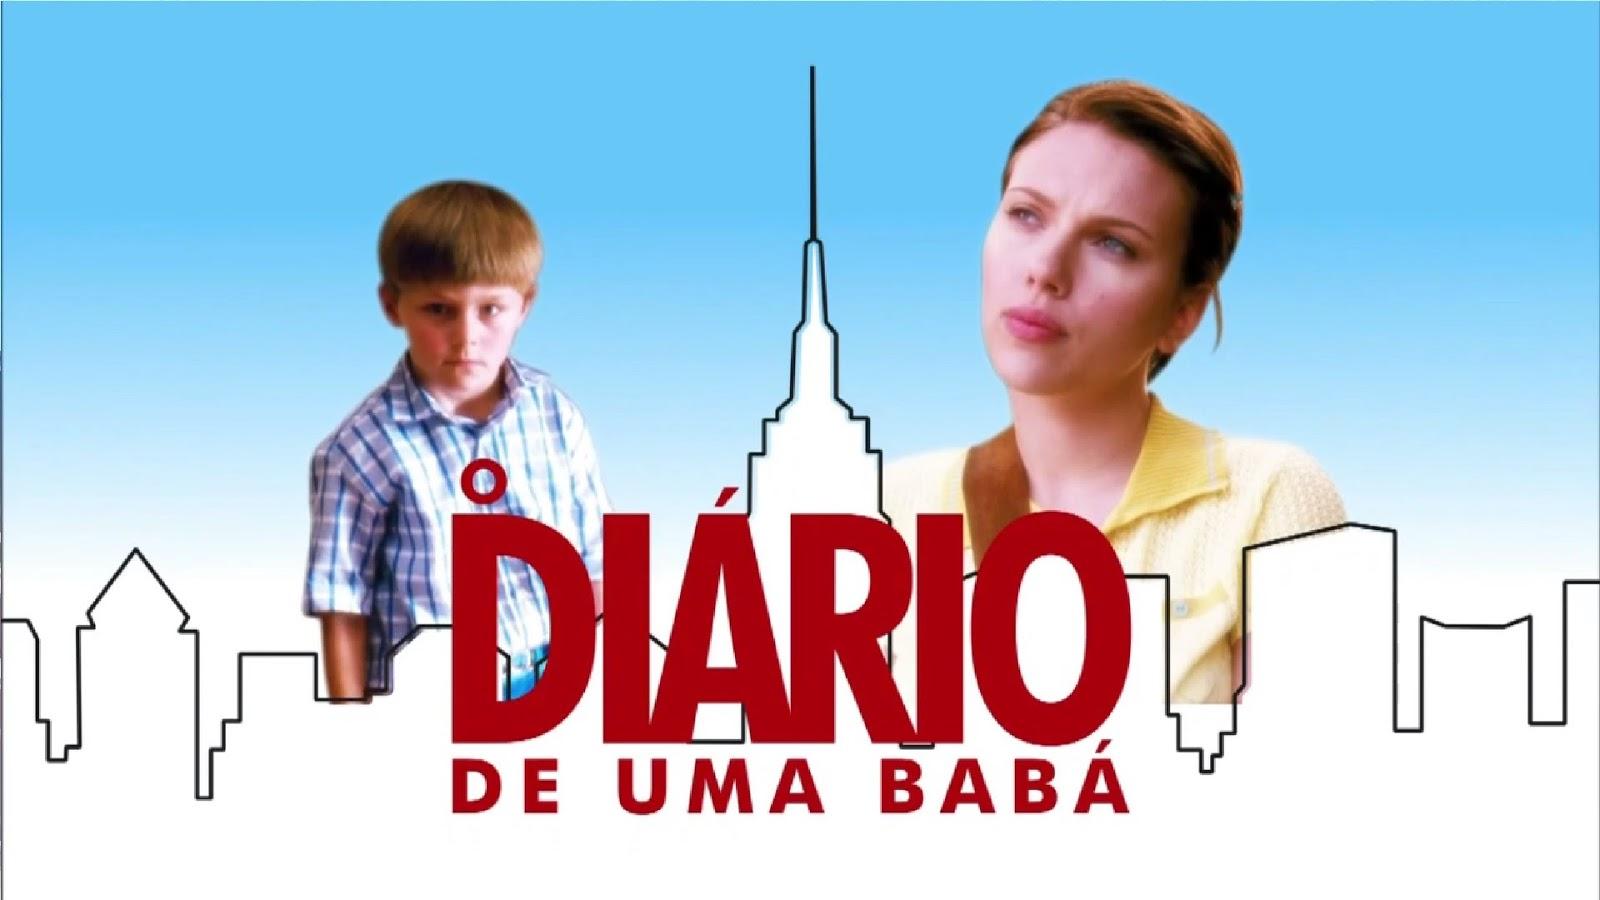 Imagens O Diário de uma Babá Torrent Dublado 1080p 720p BluRay Download